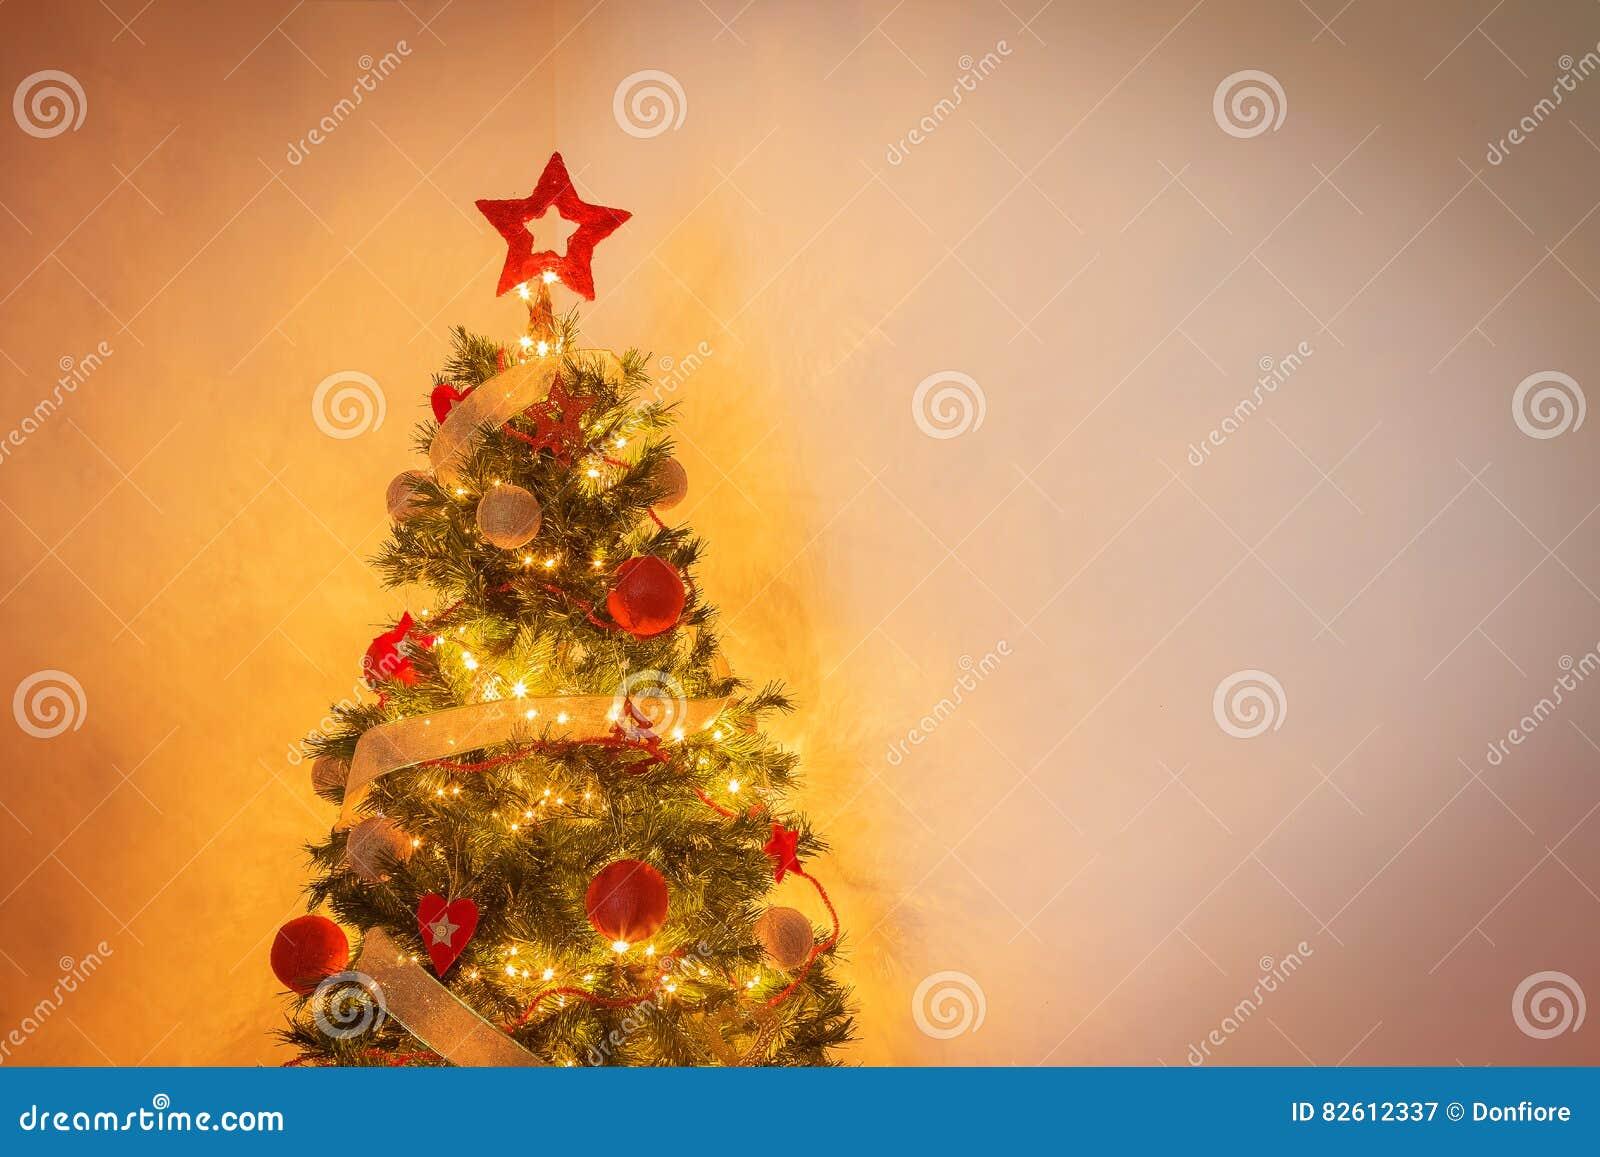 Moderner Weihnachtsbaum.Moderner Weihnachtsbaum Mit Ballen Und Goldene